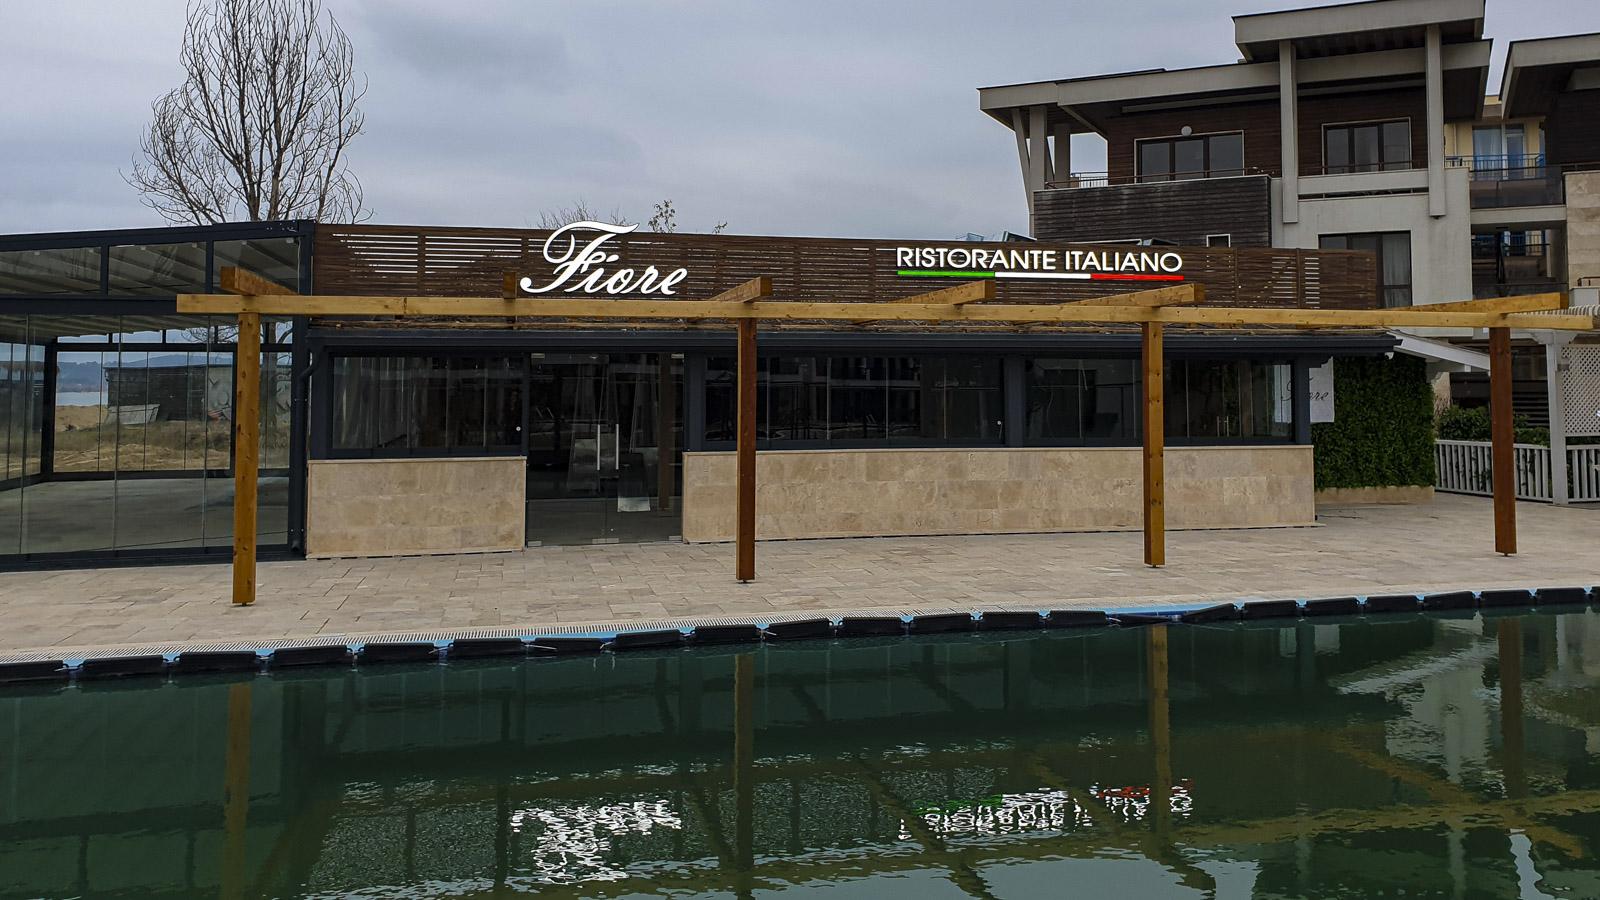 Студио за реклама Смарт Дизайн ООД, проектира, изработи и монтира светещи рекламни букви засветени с L.E.D. за ресторатн Fiore в комплекс Apolonia resort, Созопол